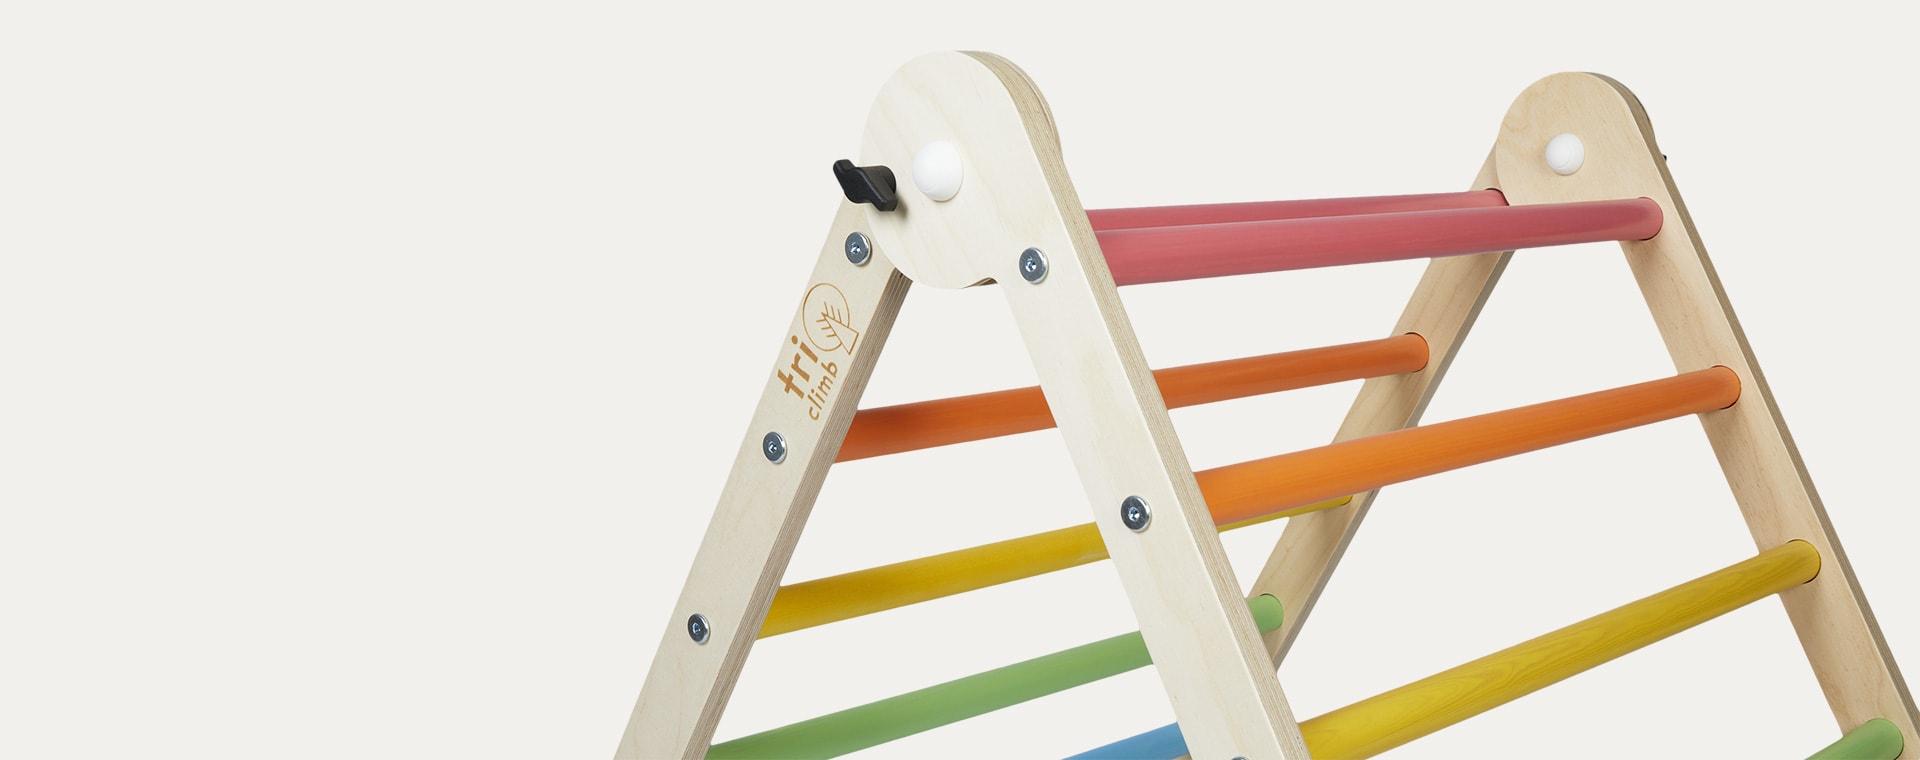 Pastel Rainbow Triclimb Triclimb